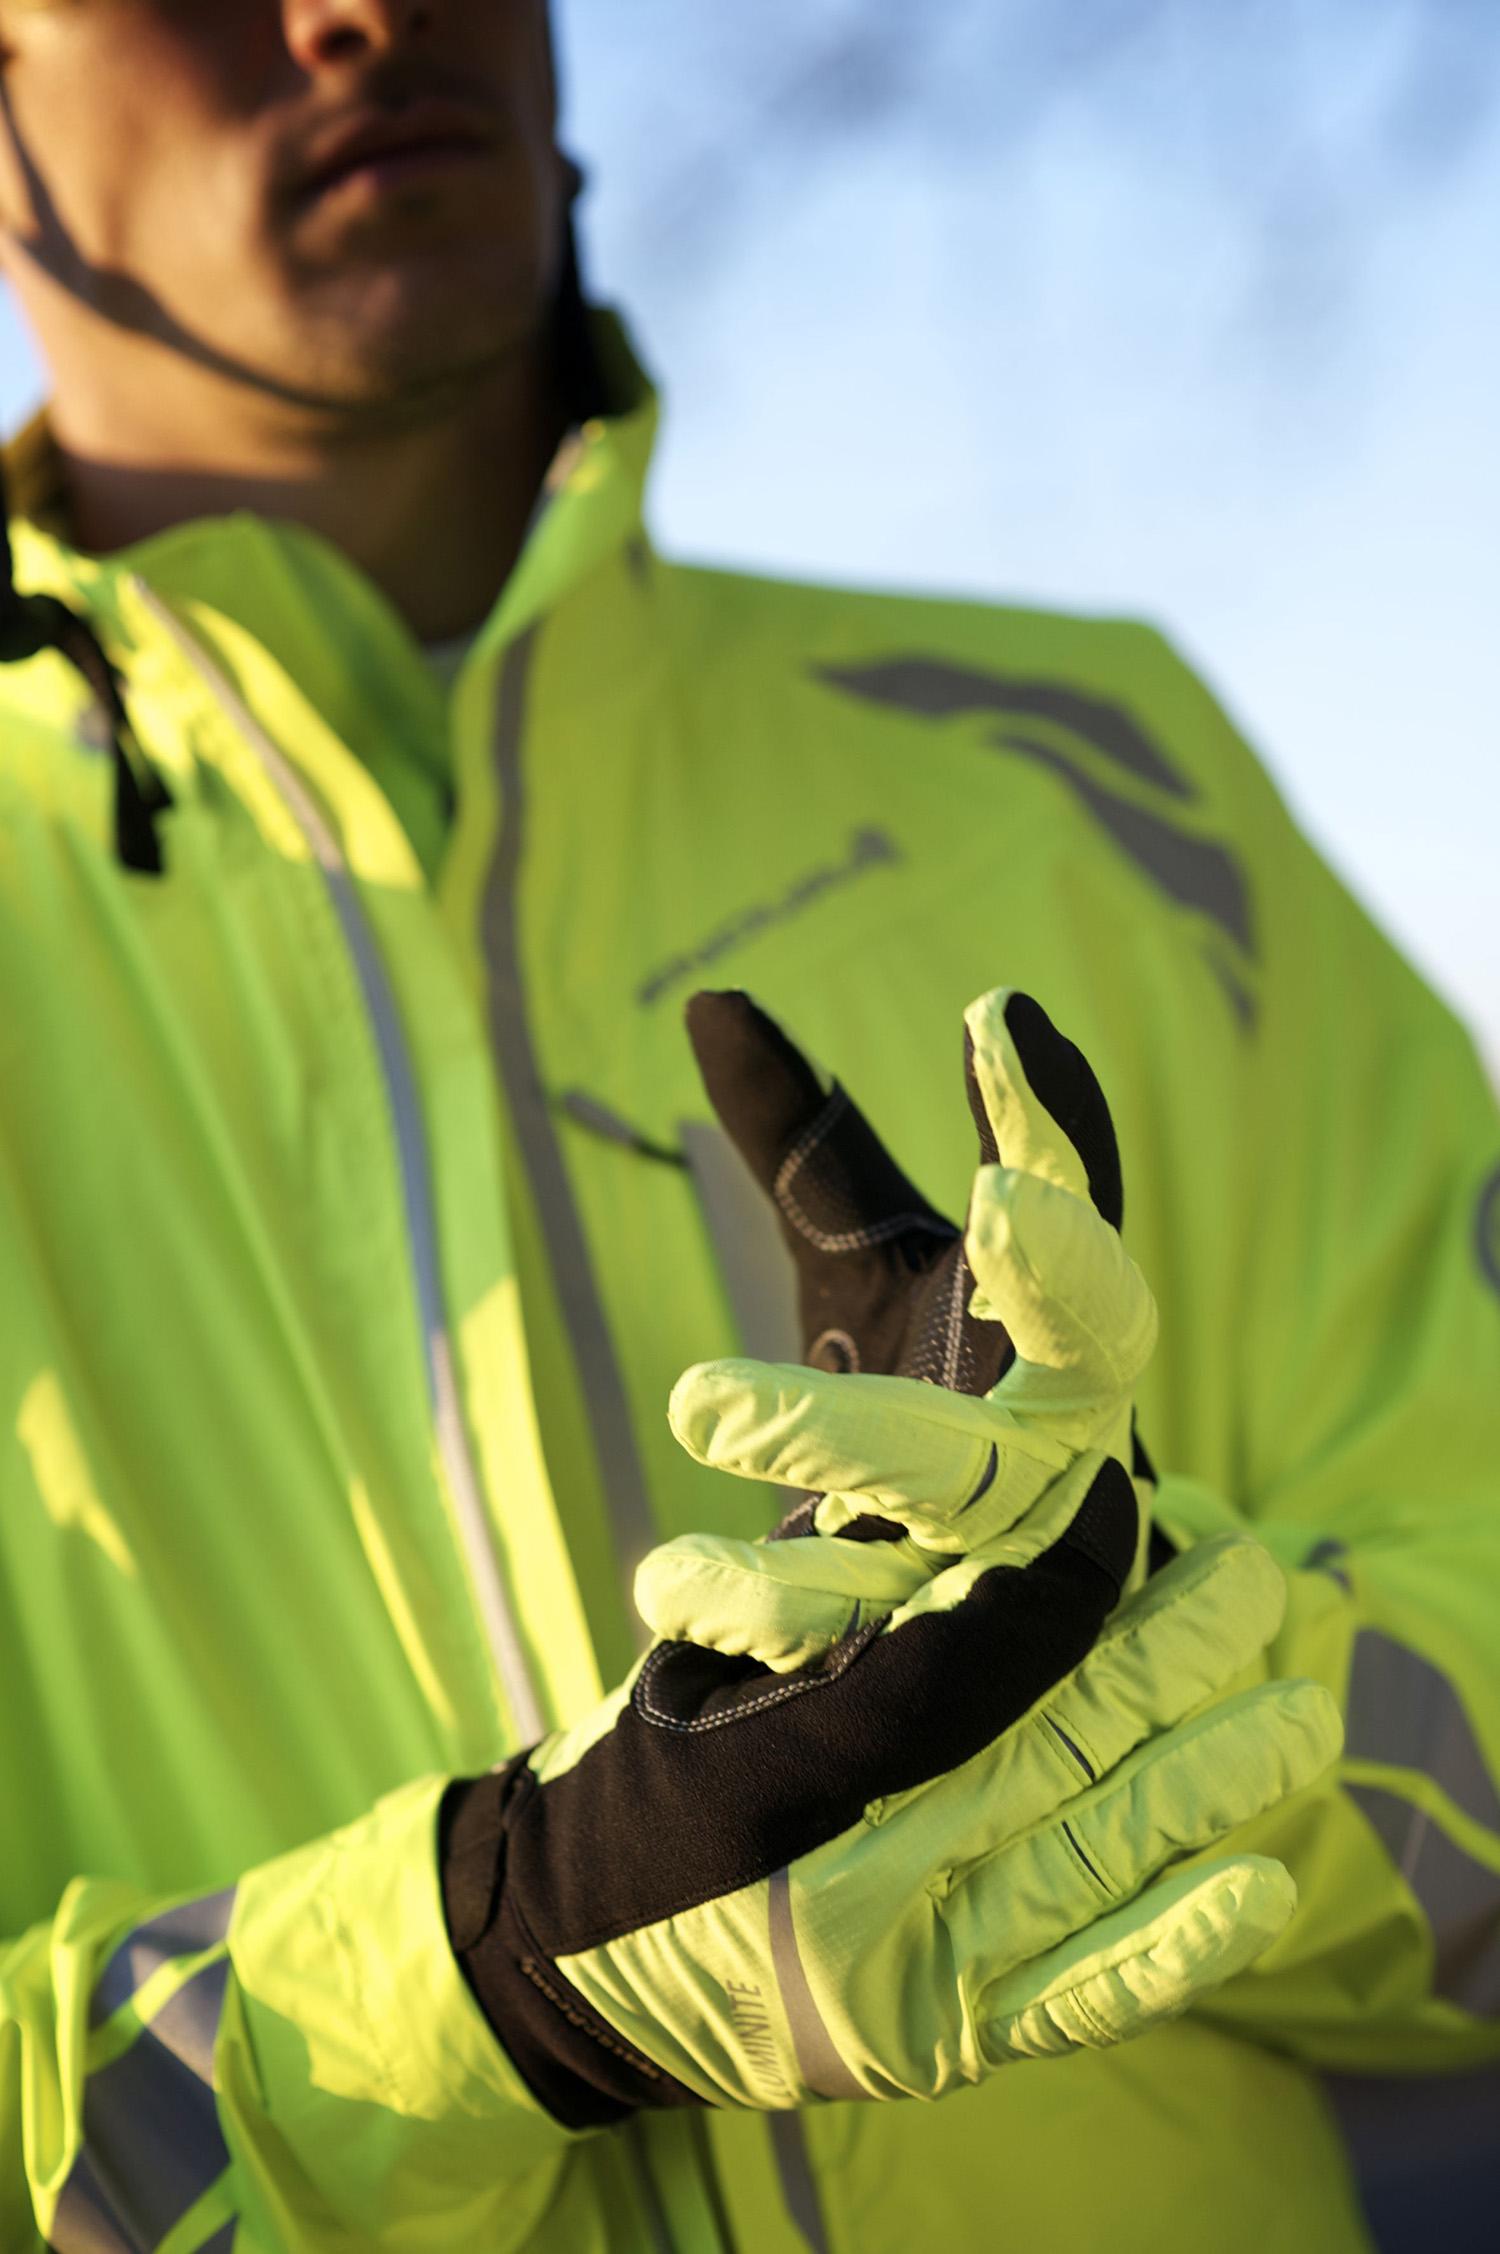 Luminite Glove - Visibilty and Comfort